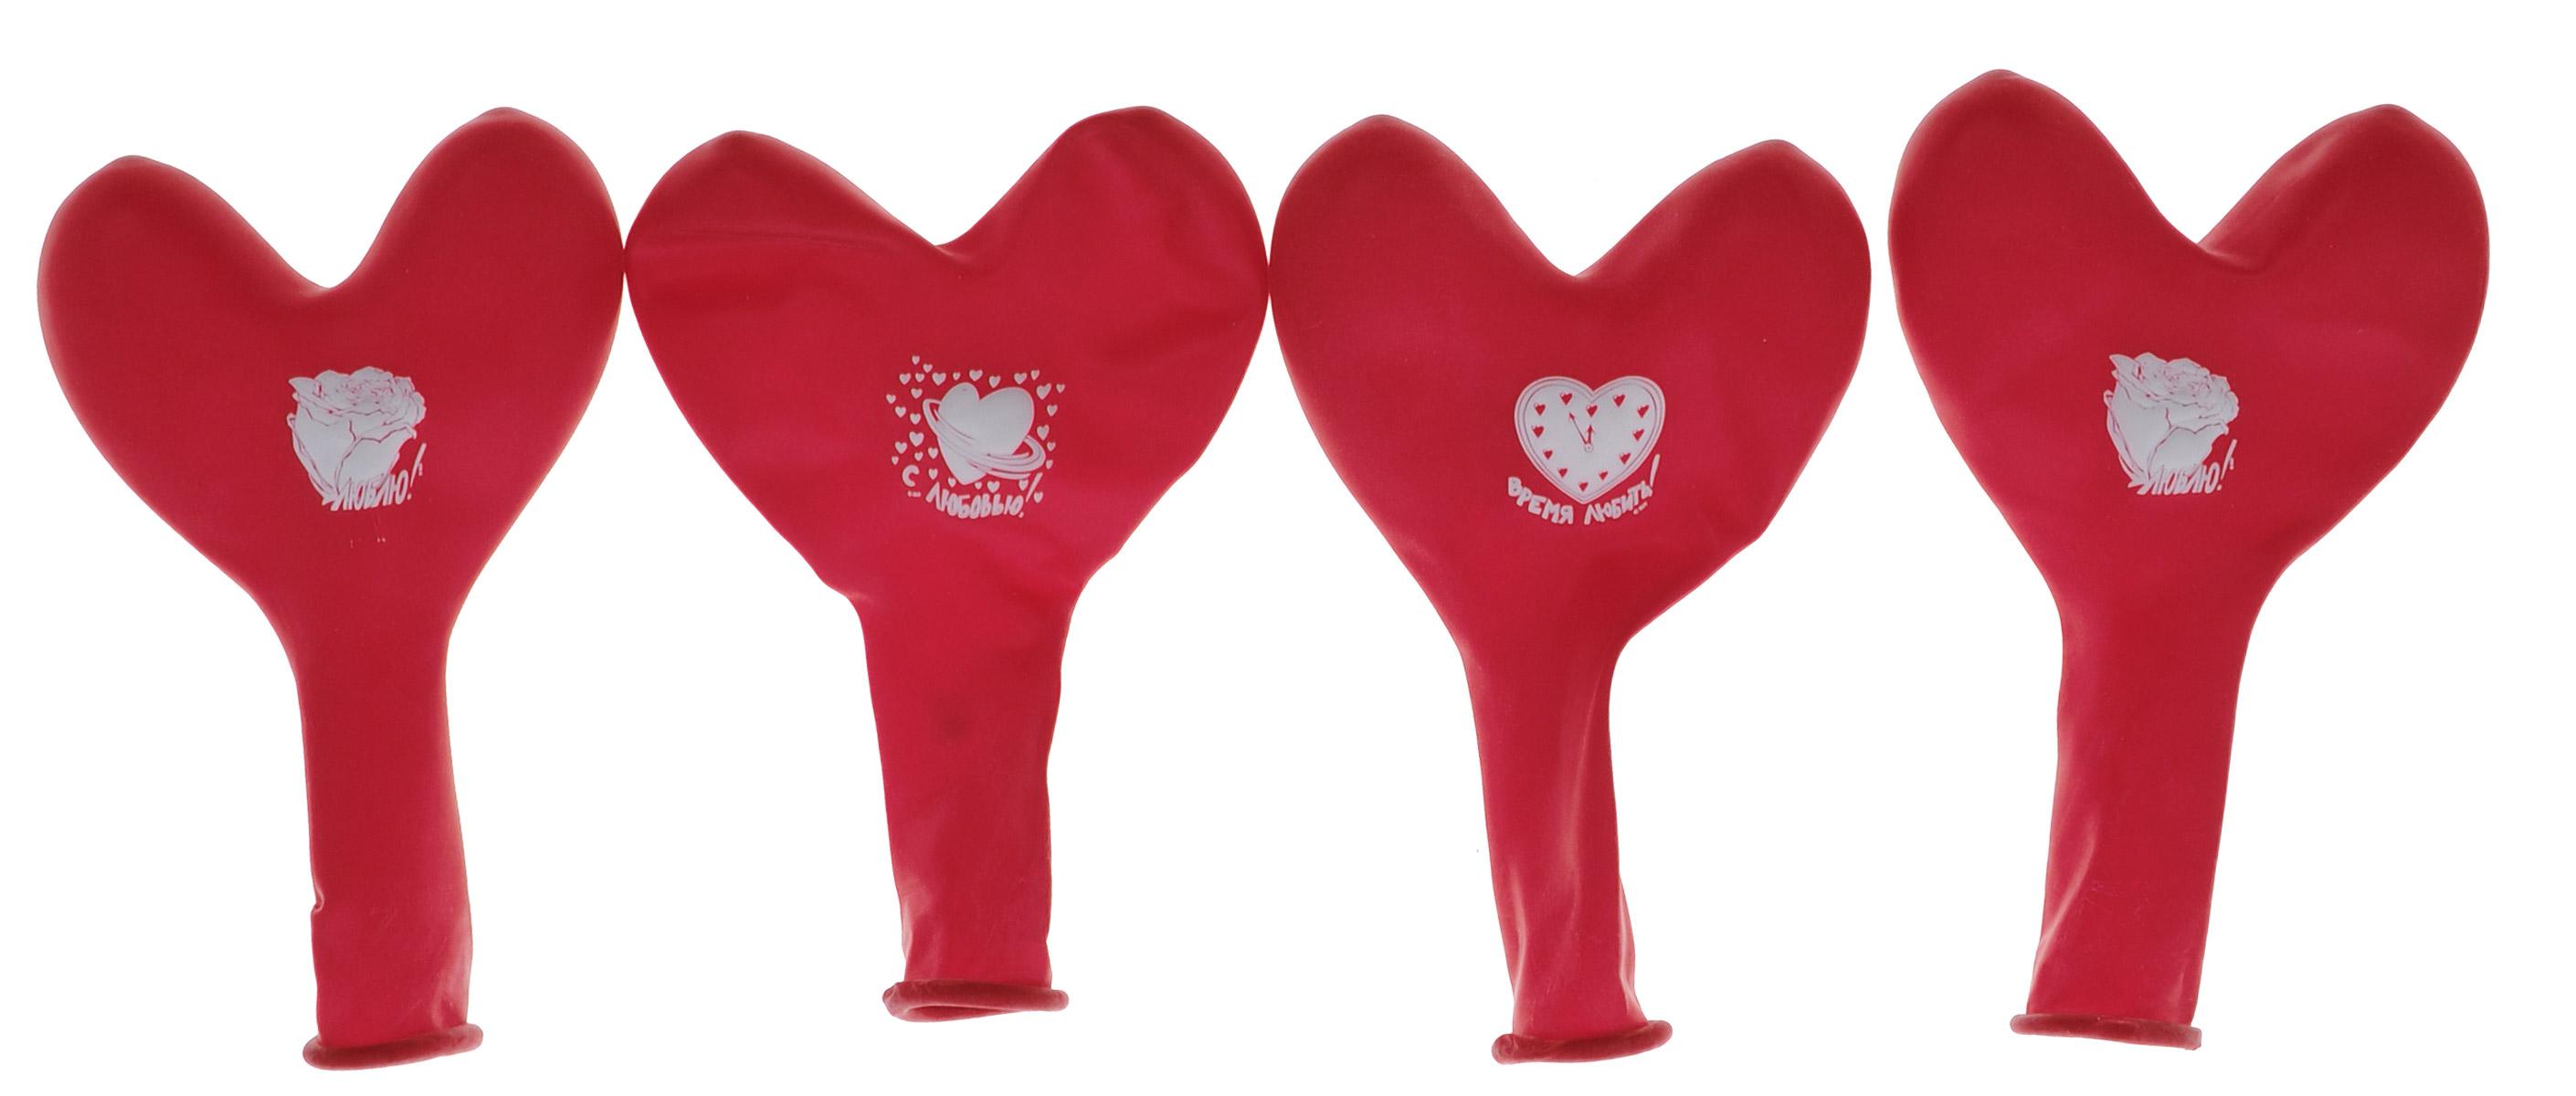 Амурная затея Набор воздушных шаров Сердце 4 шт1111-0362Набор воздушных шаров Амурная затея Сердце - это романтическое украшение праздника! Изготовлены из натурального латекса. Свадьба, 14 февраля или просто признание в любви - воздушные шарики в форме сердечка сделают любое событие незабываемым!